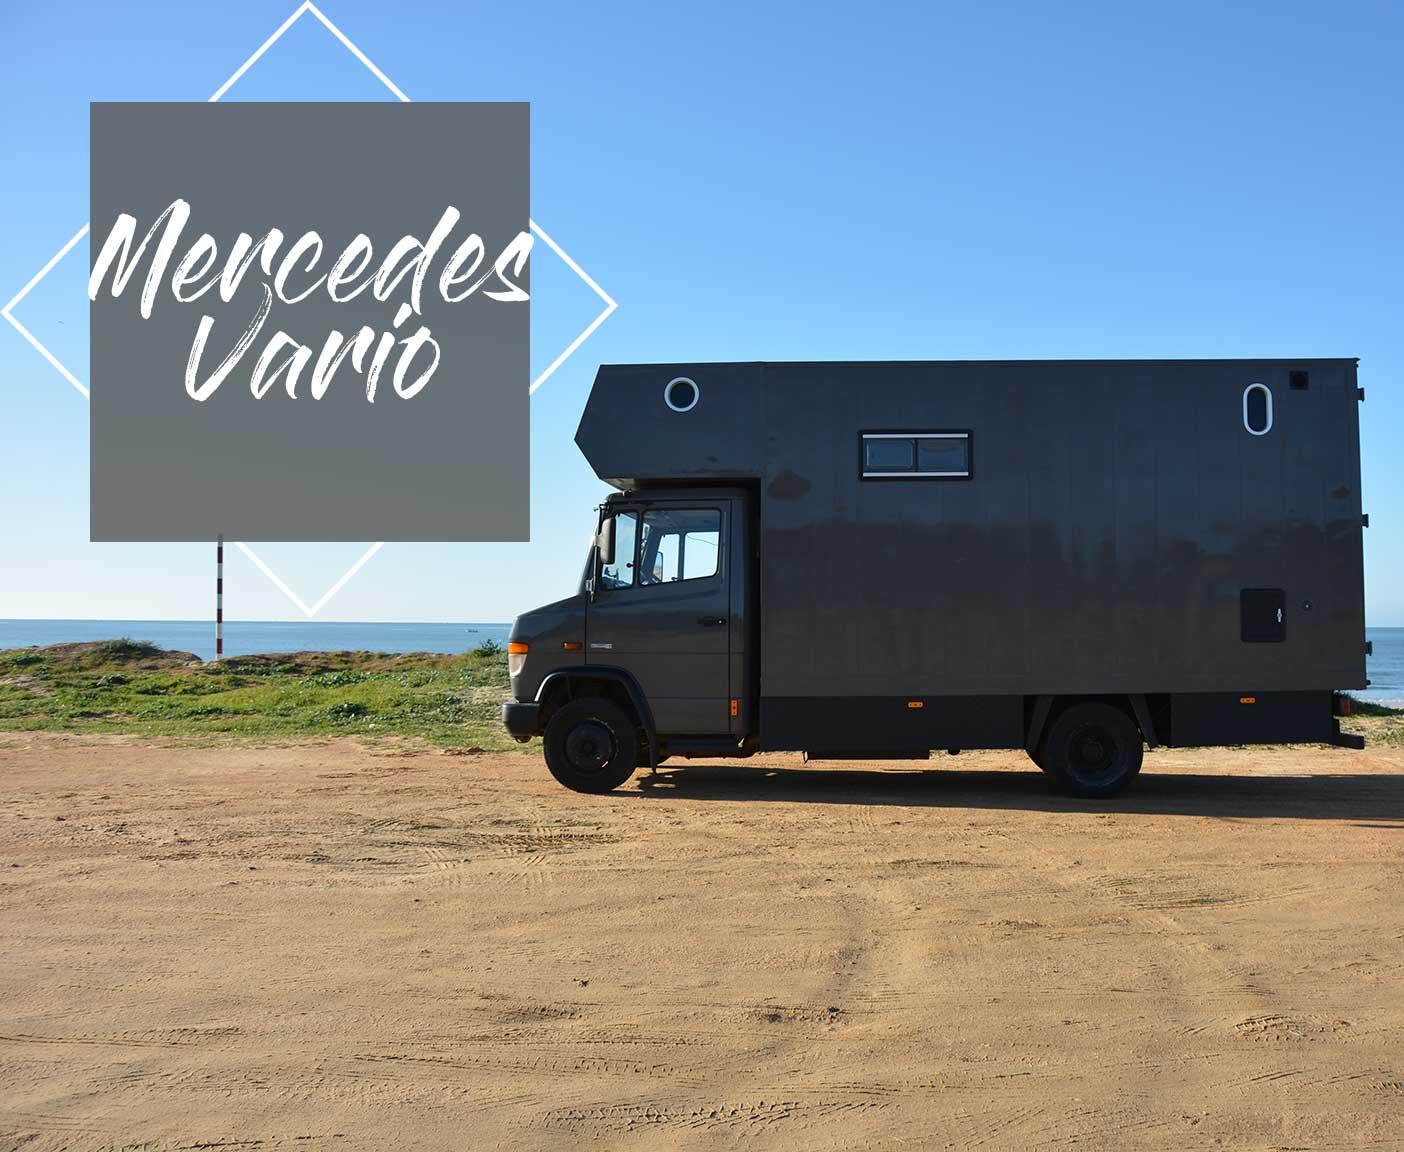 Mercedes-vario-kastenwagen-616-d-wohnmobil-camper